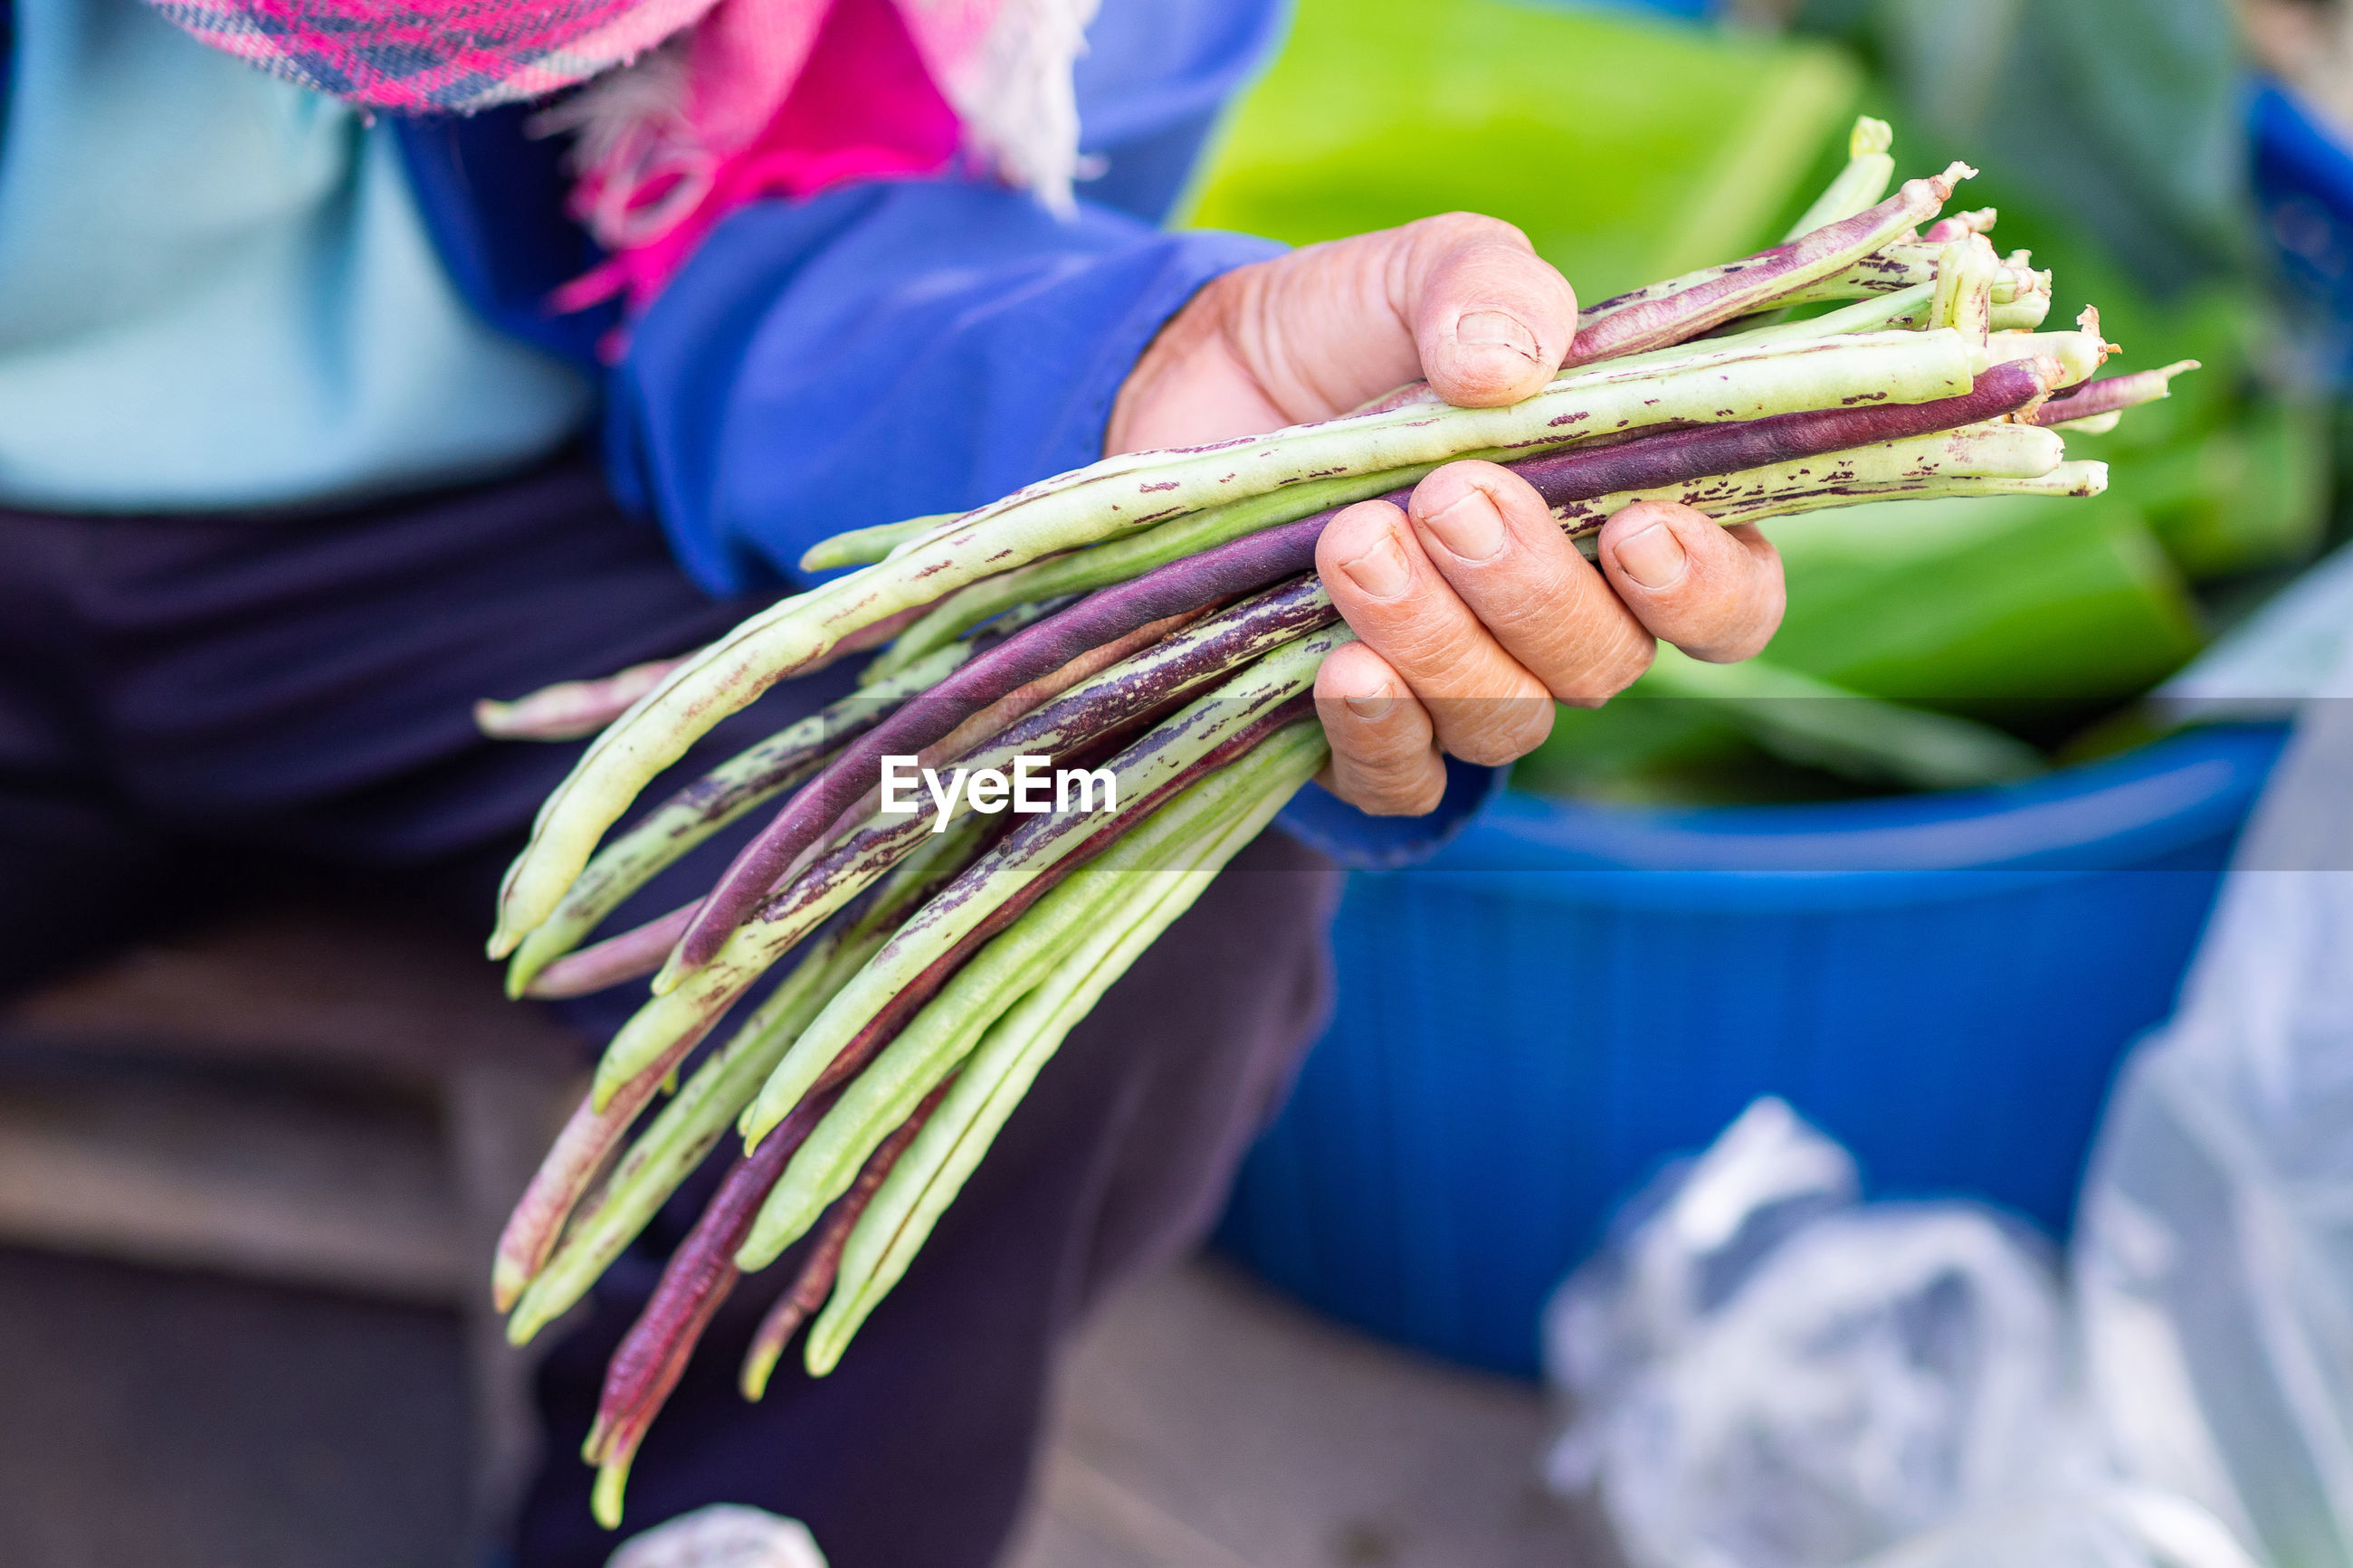 A man holding a long beans.